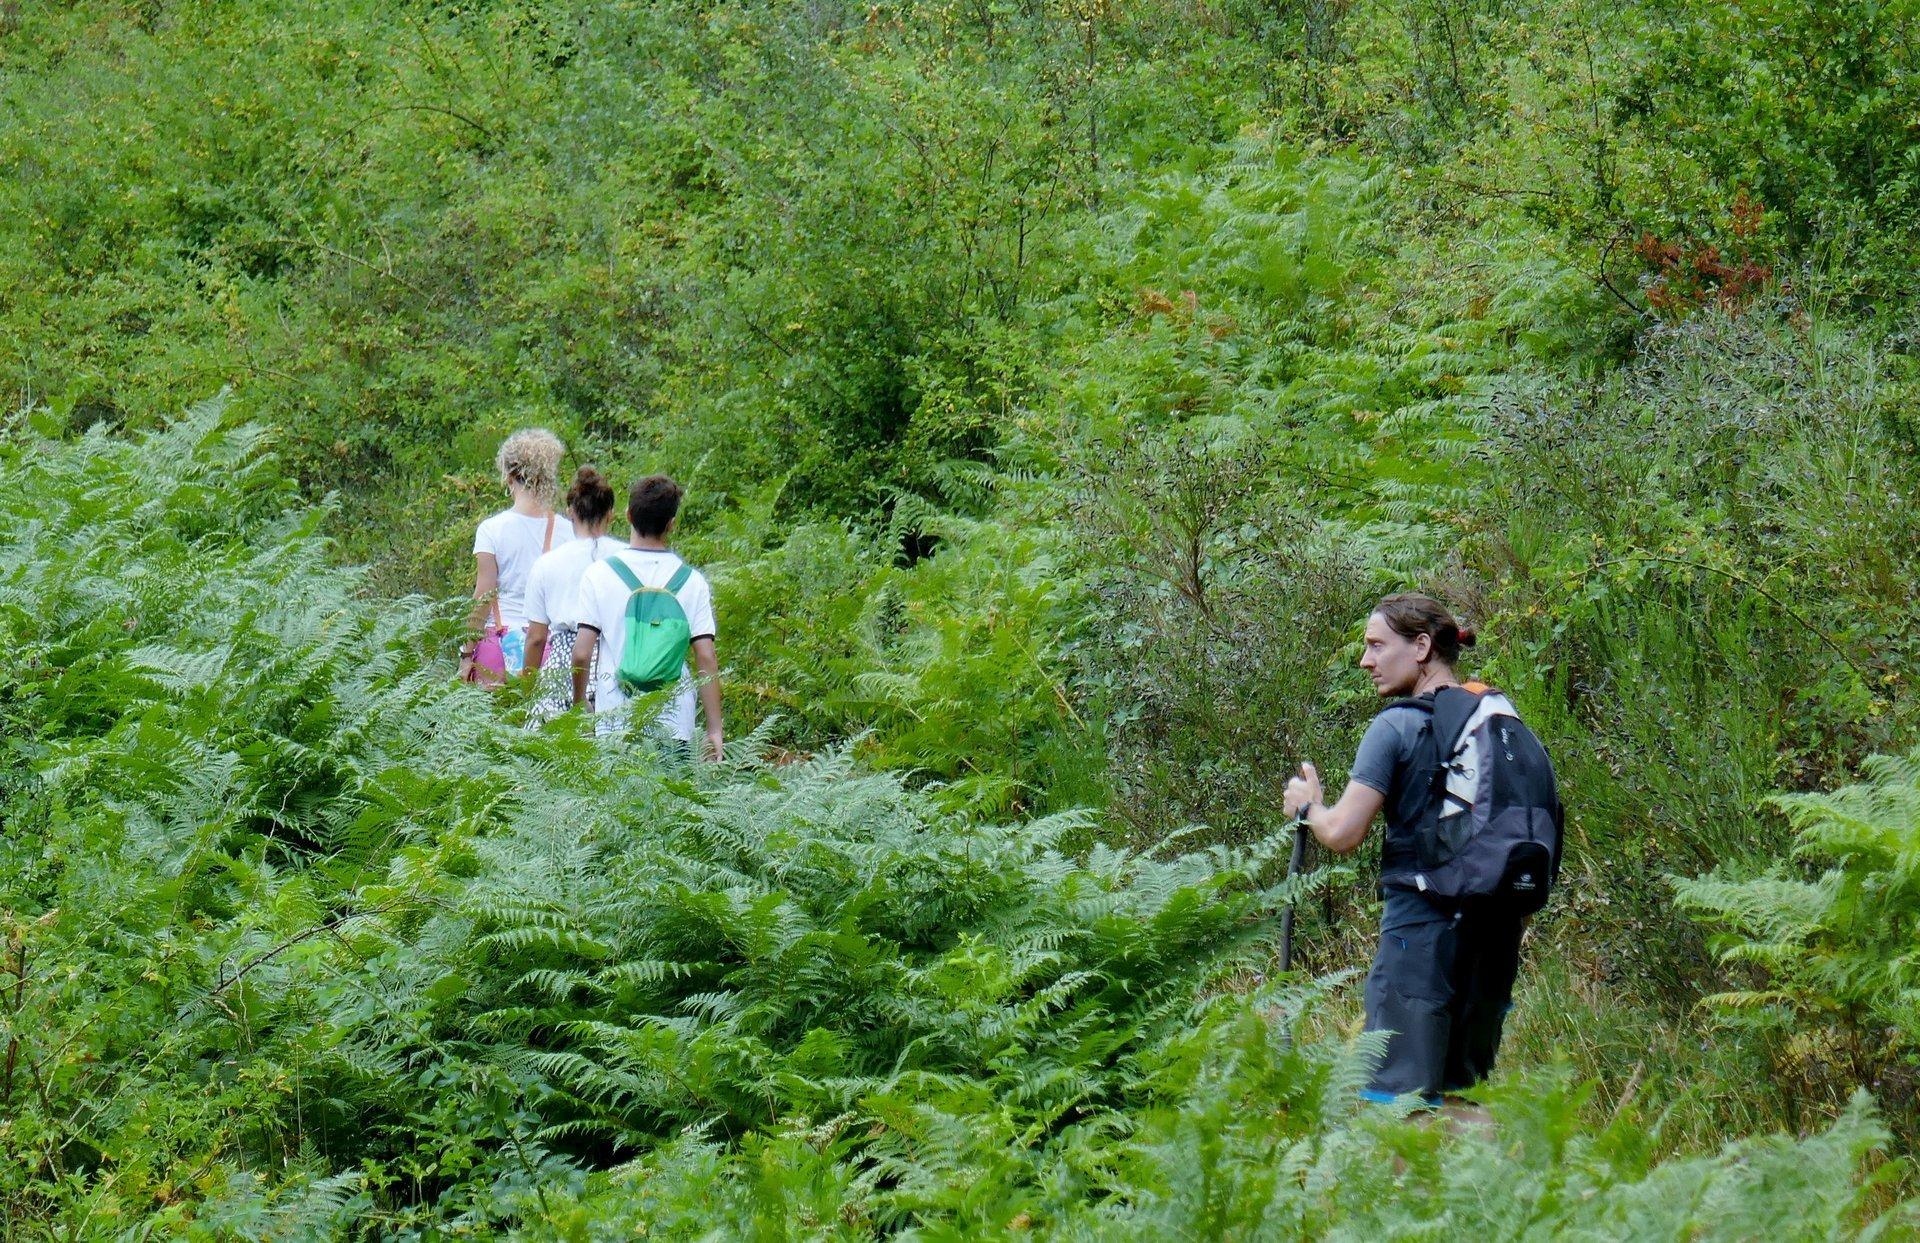 Escursioni nel verde bagno di romagna fc camping alto savio - Campeggio bagno di romagna ...